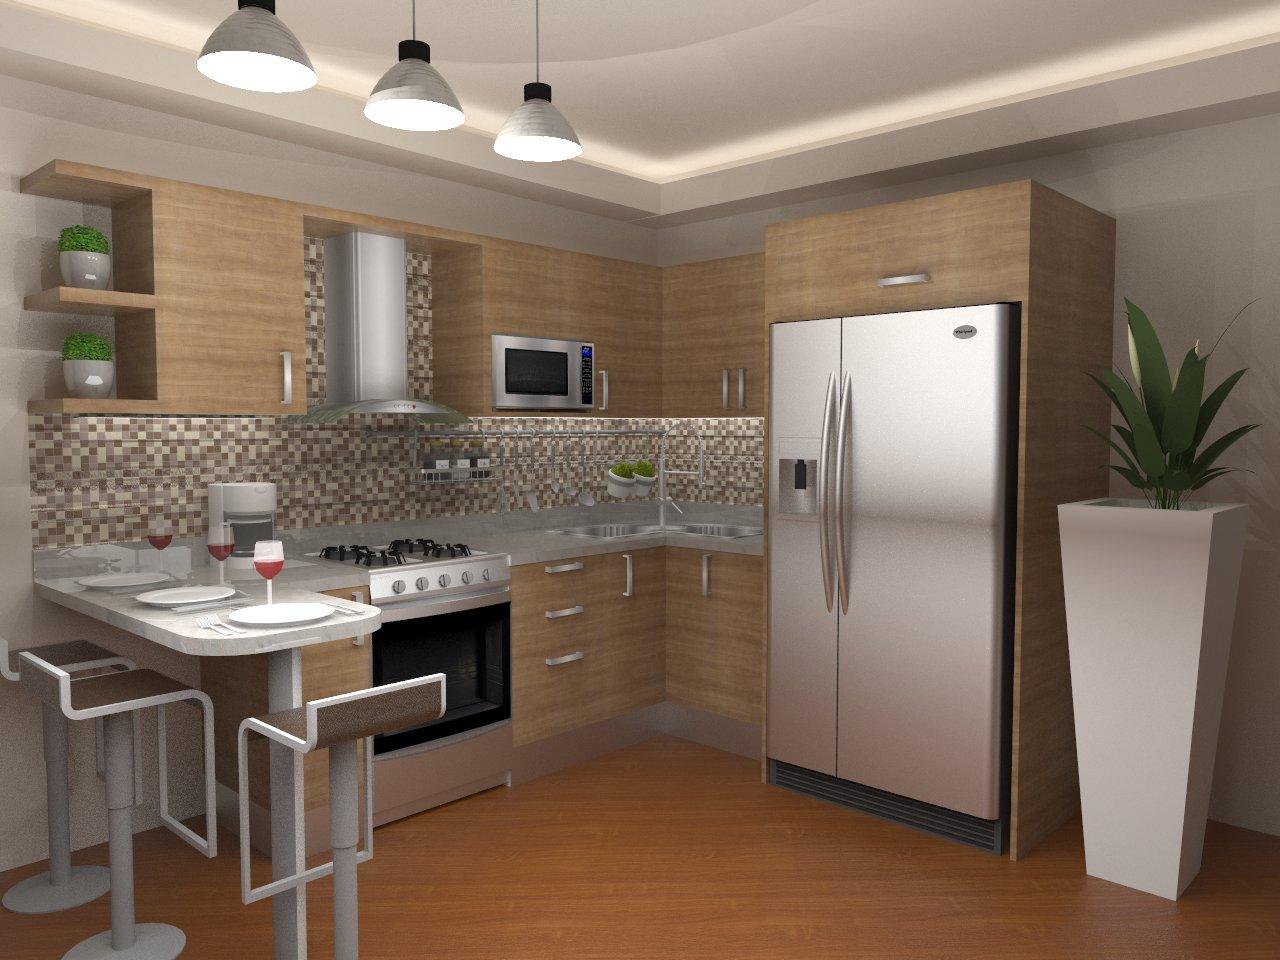 Cocinas de colores para cocinas es el blanco este color - Combinar colores cocina ...